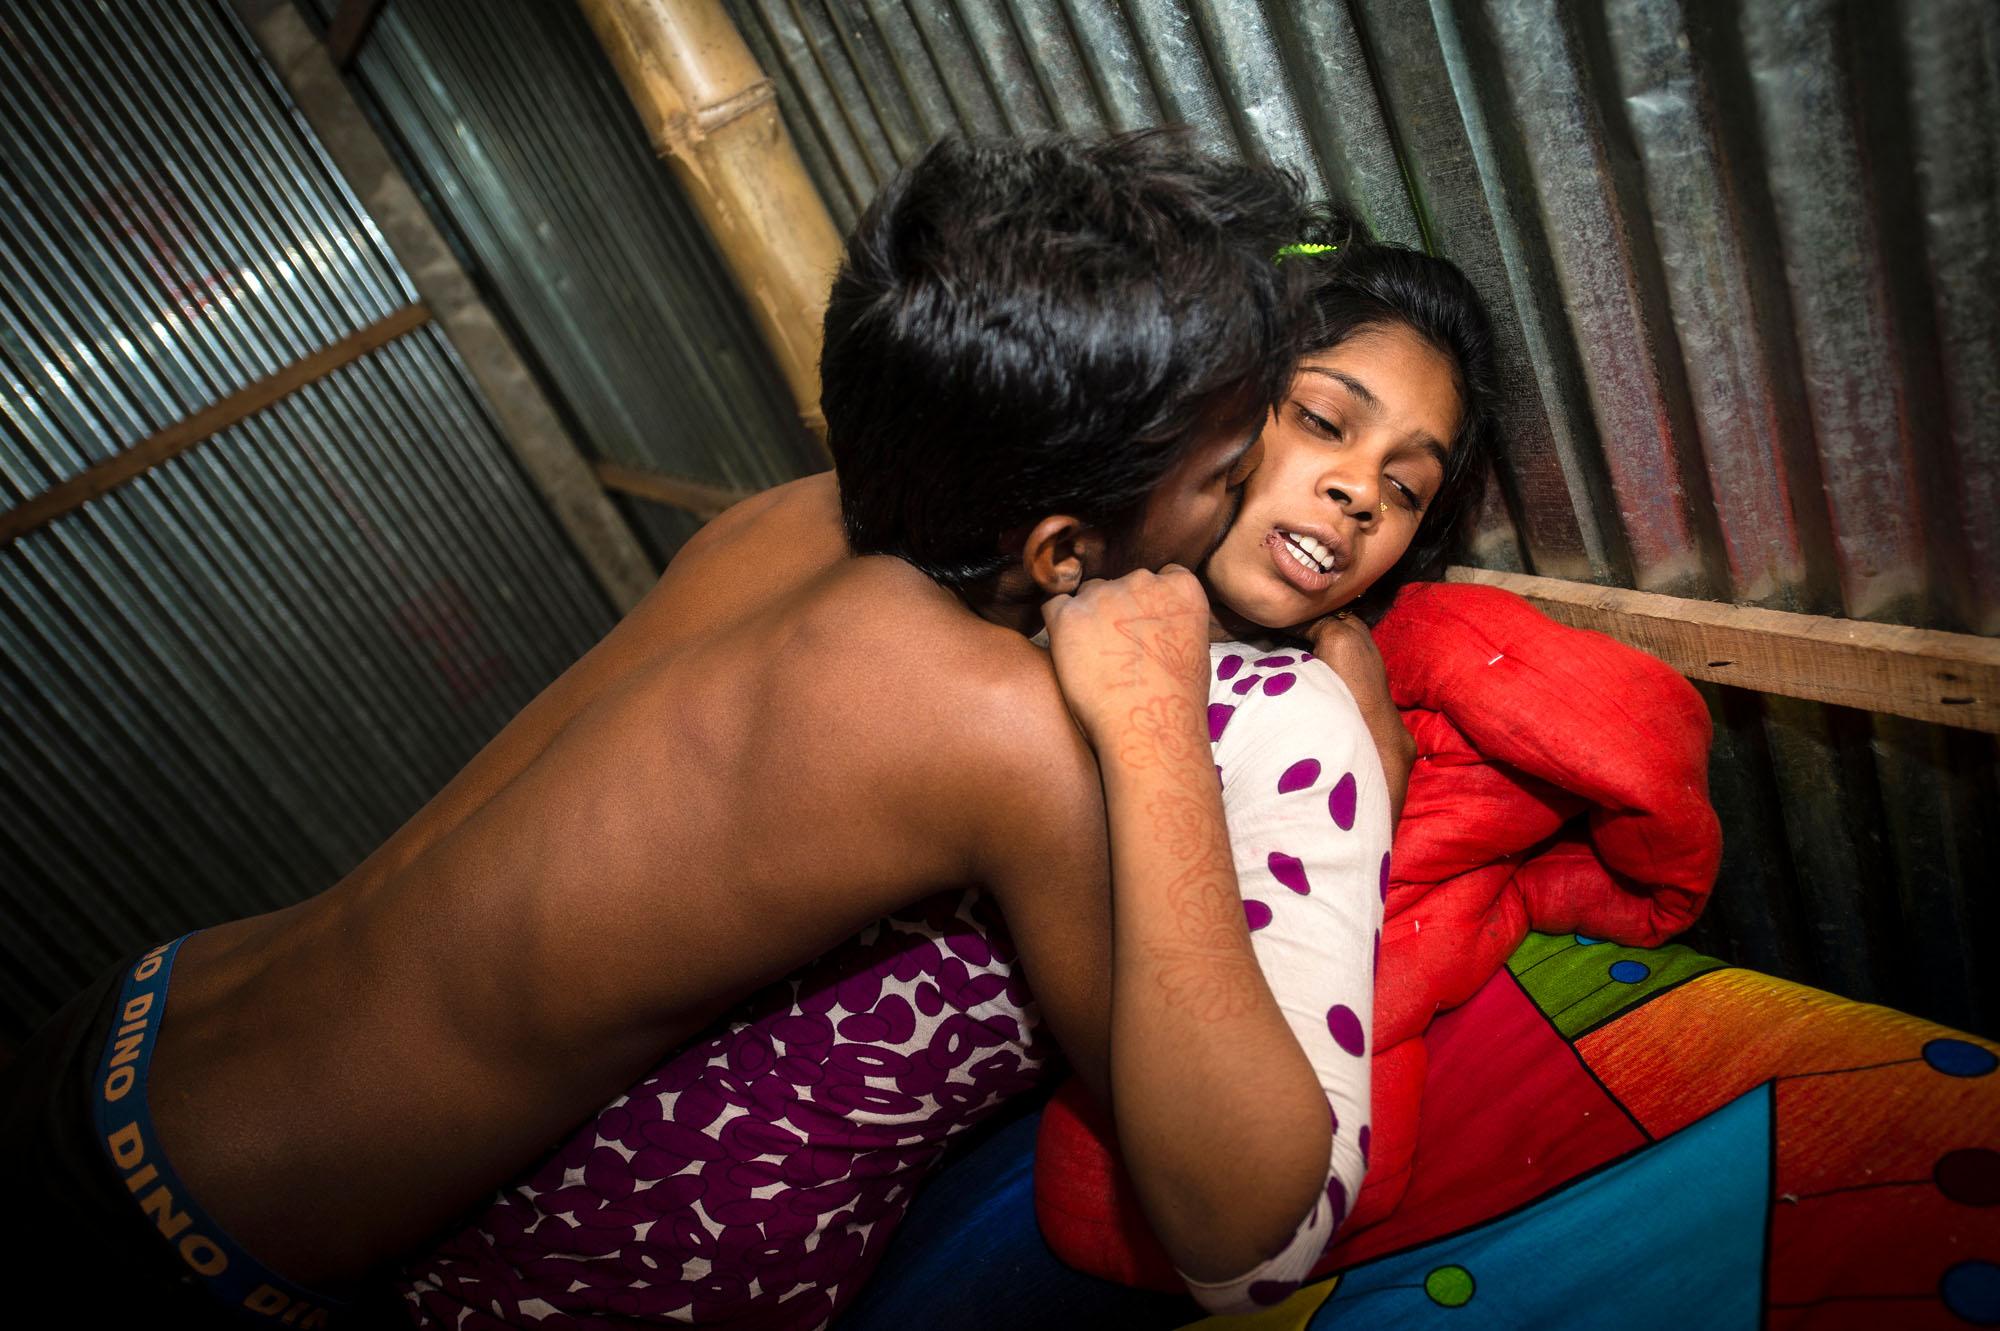 Проституция у себя в квартире, «Каждая сталкивается с насилием»: Я работаю 19 фотография